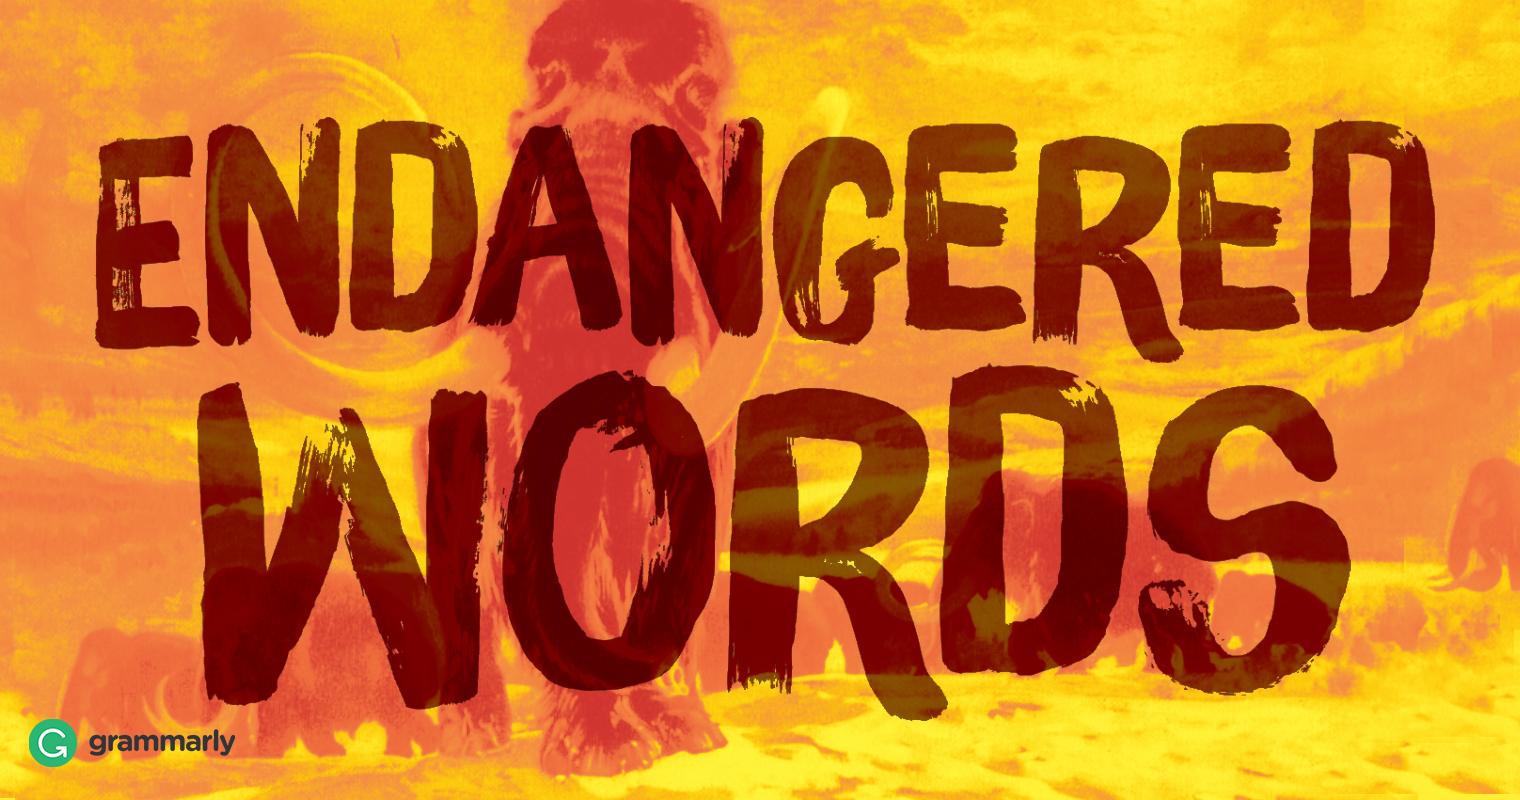 6 Endangered Words image